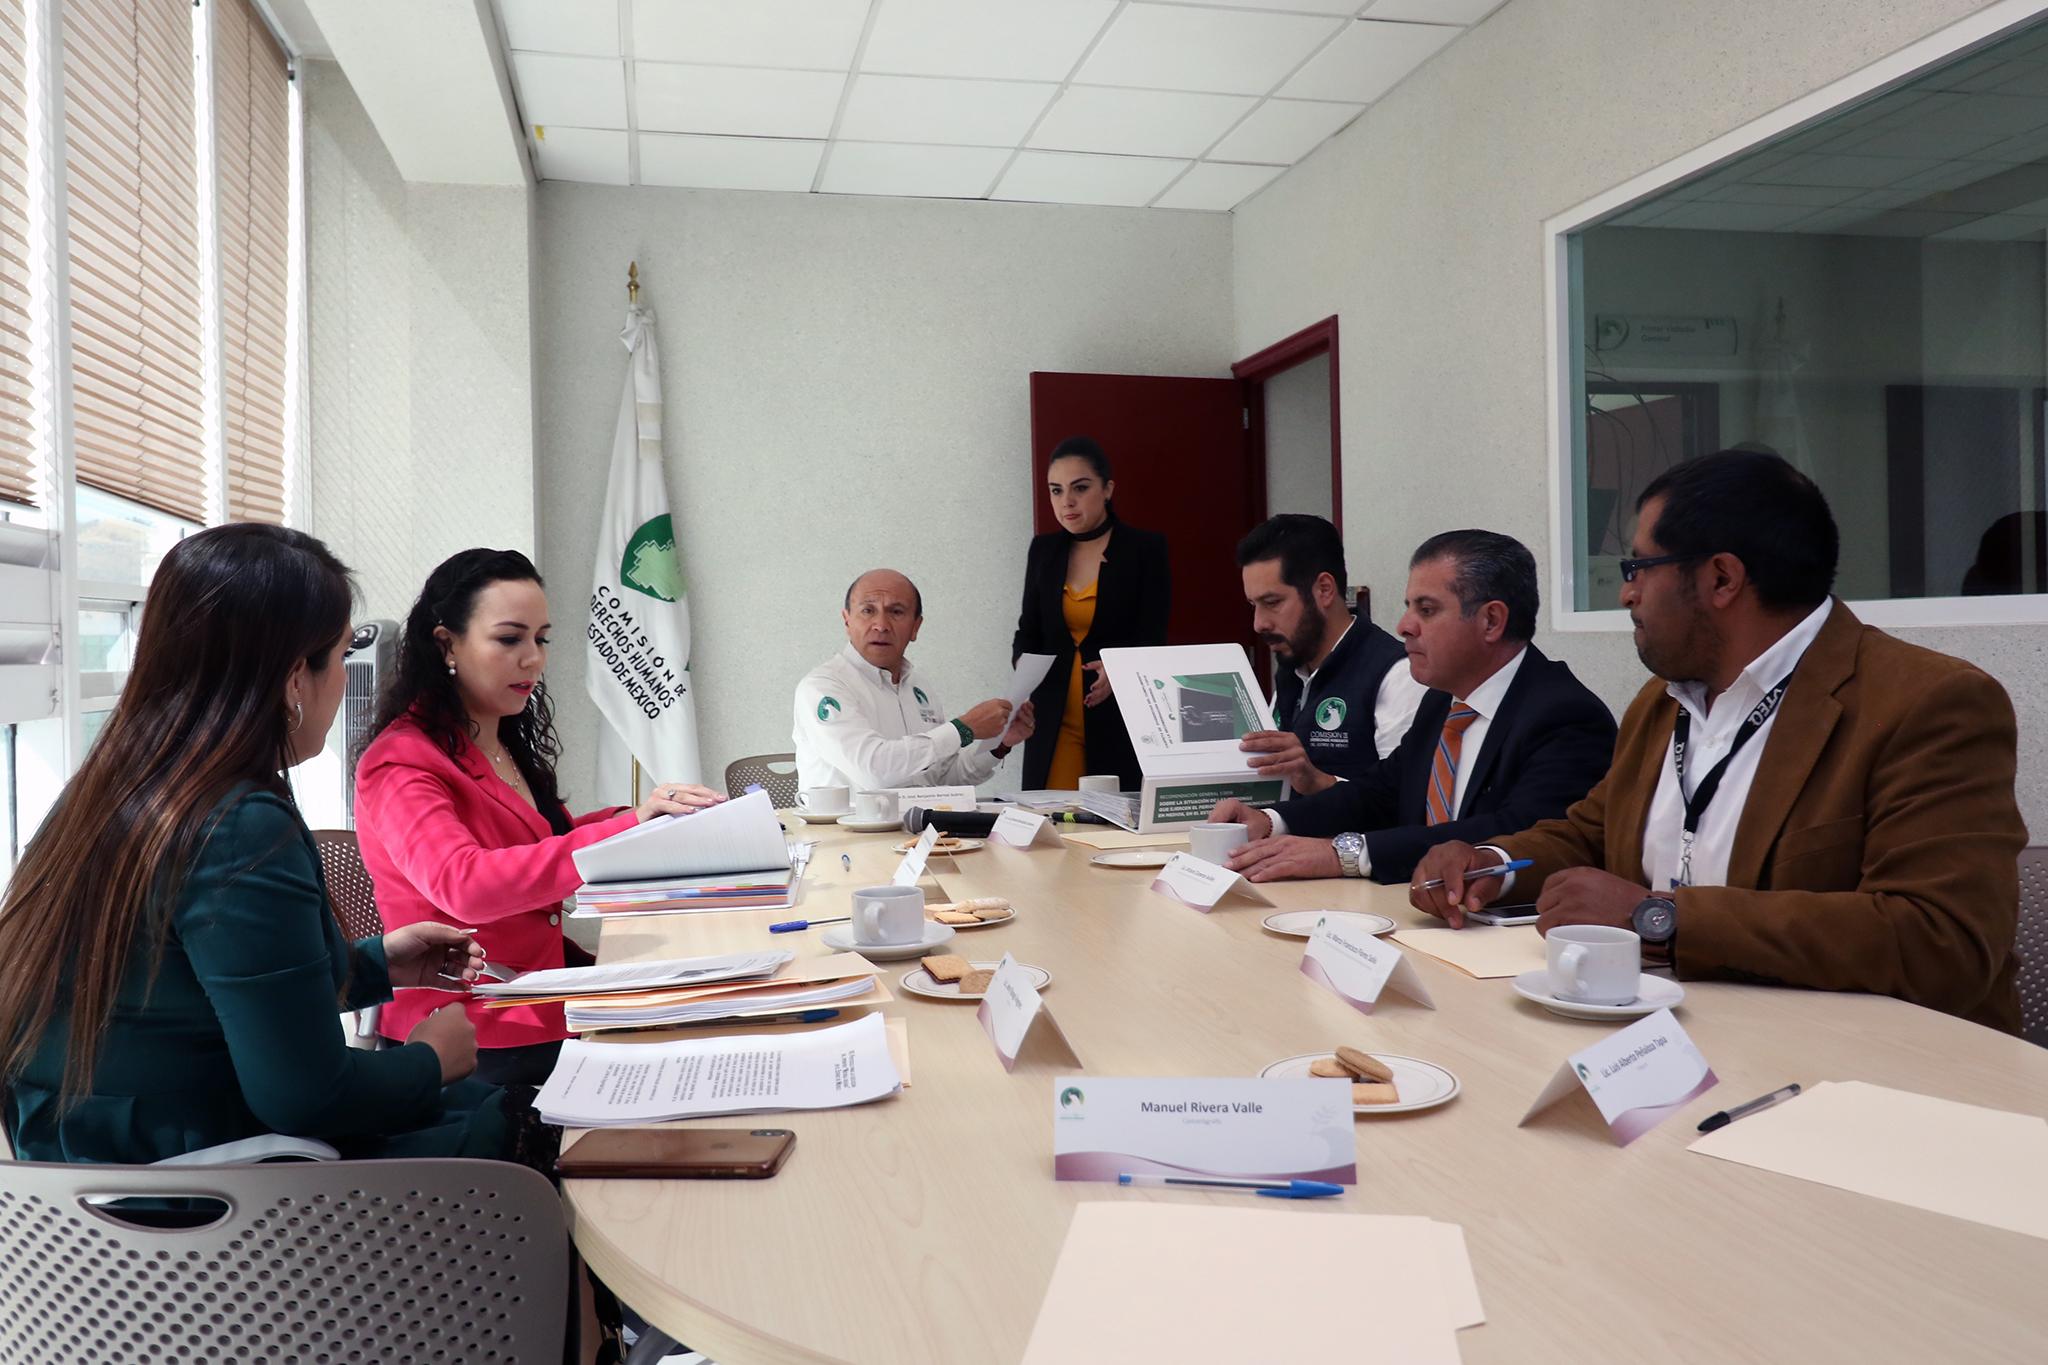 Refrenda Toluca su compromiso de garantizar la libertad de expresión